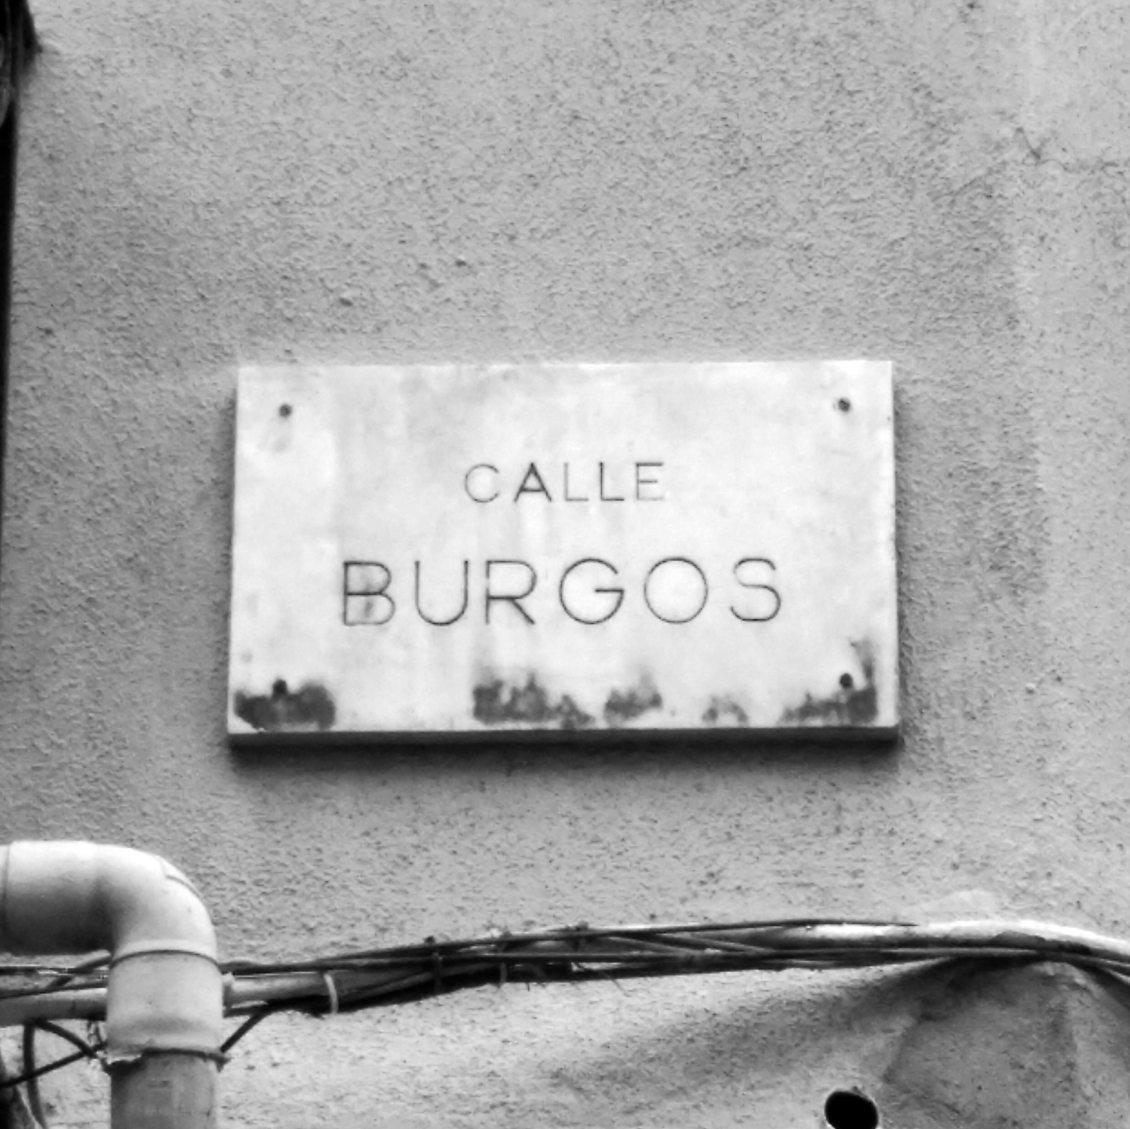 calles_2016-04-07-12.53.46